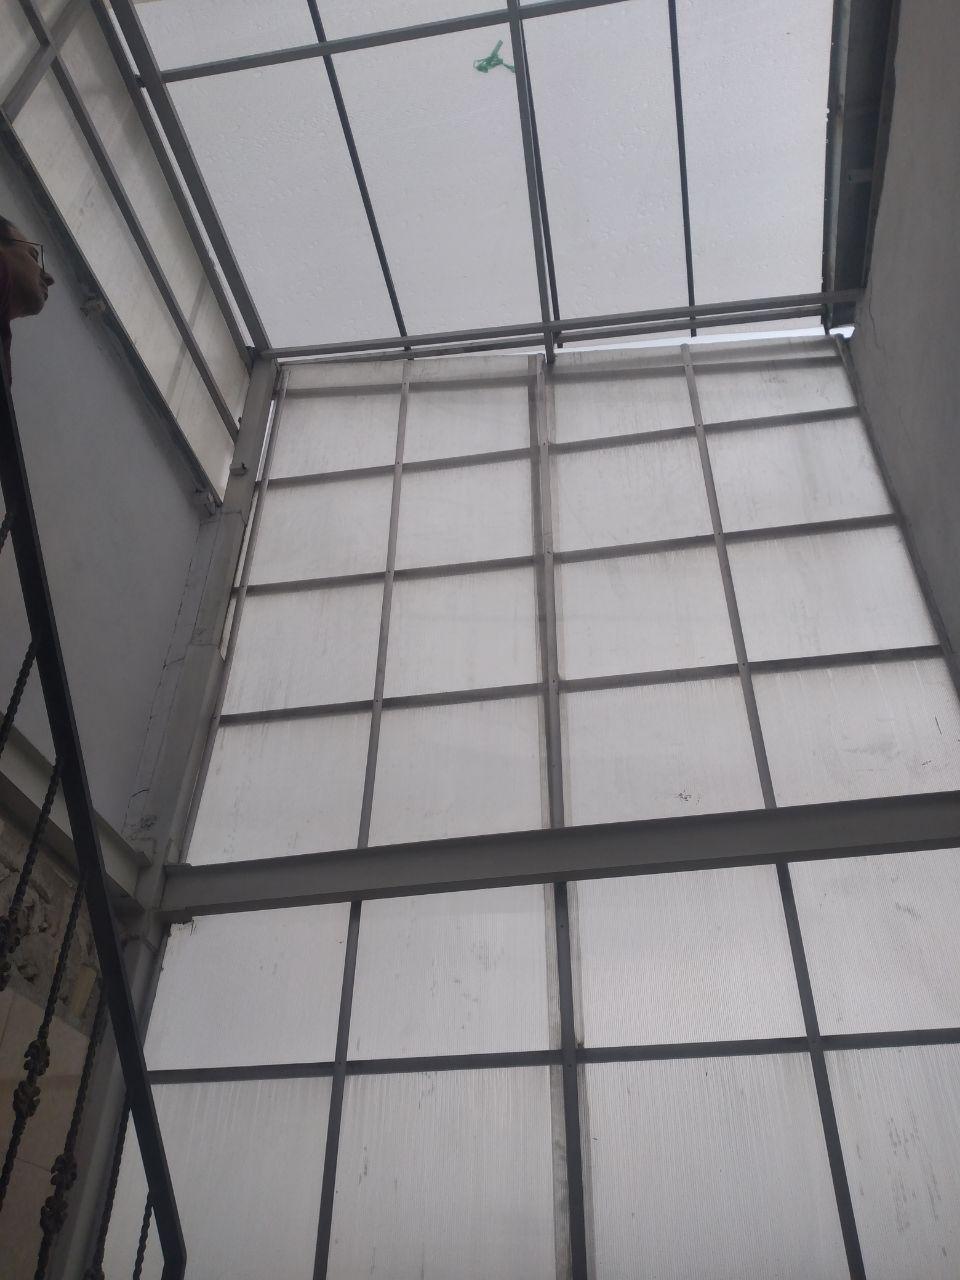 ساخت بنا در پشت بام و سقف پاسیو با پلی کربنات  قیطریه